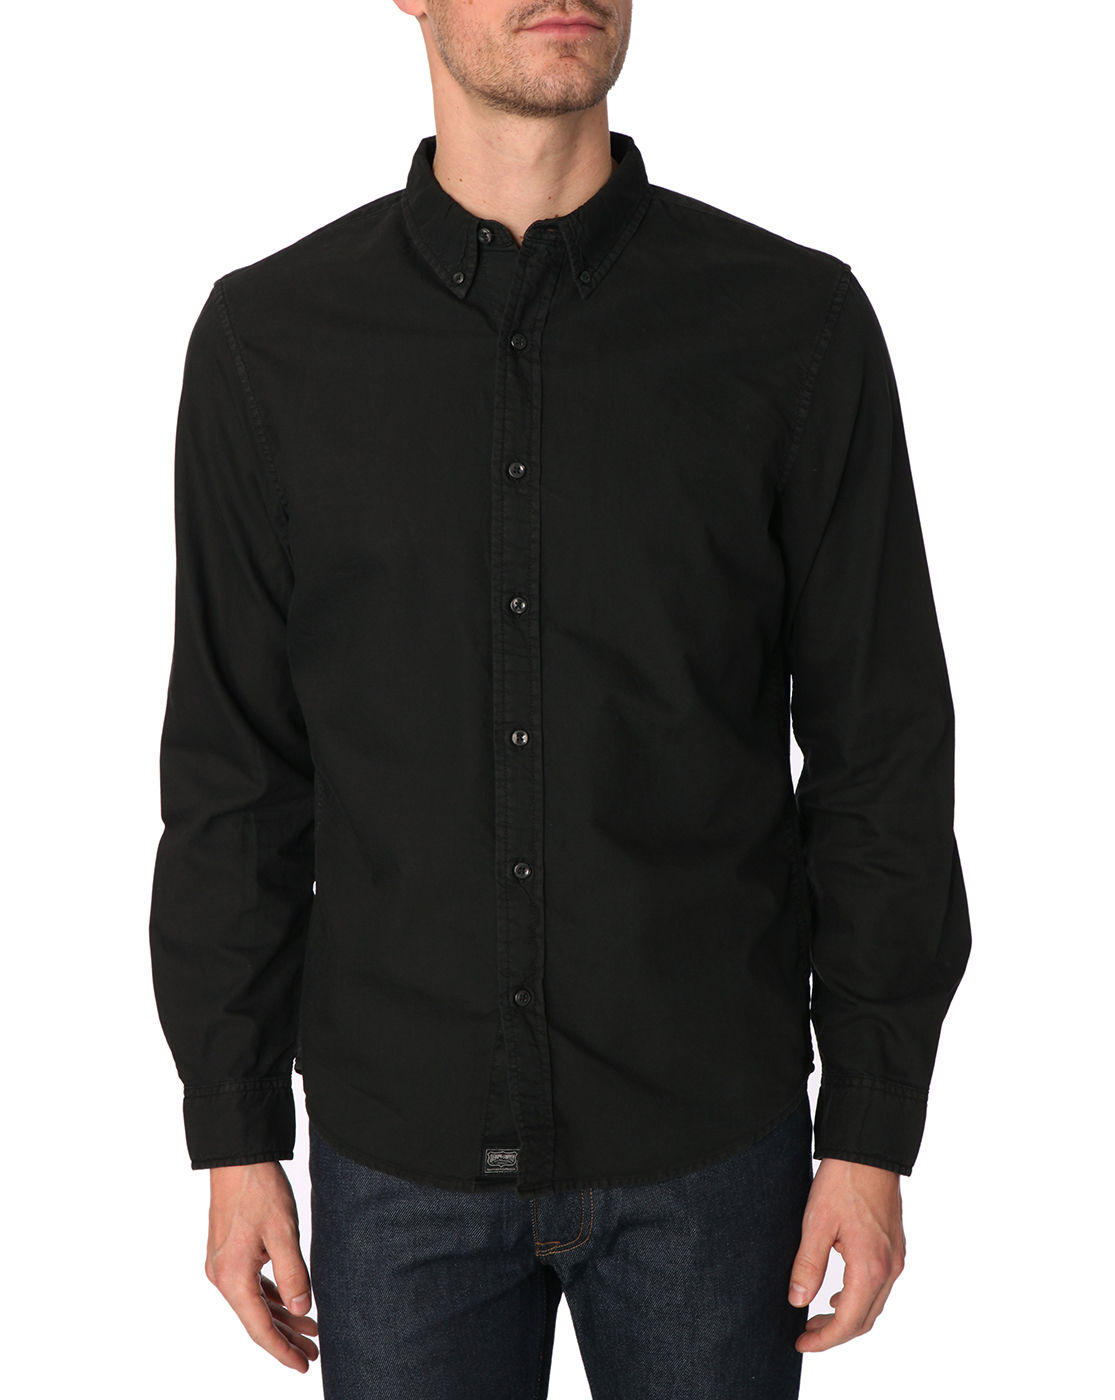 Denim supply ralph lauren button down black oxford shirt for Black oxford button down shirt